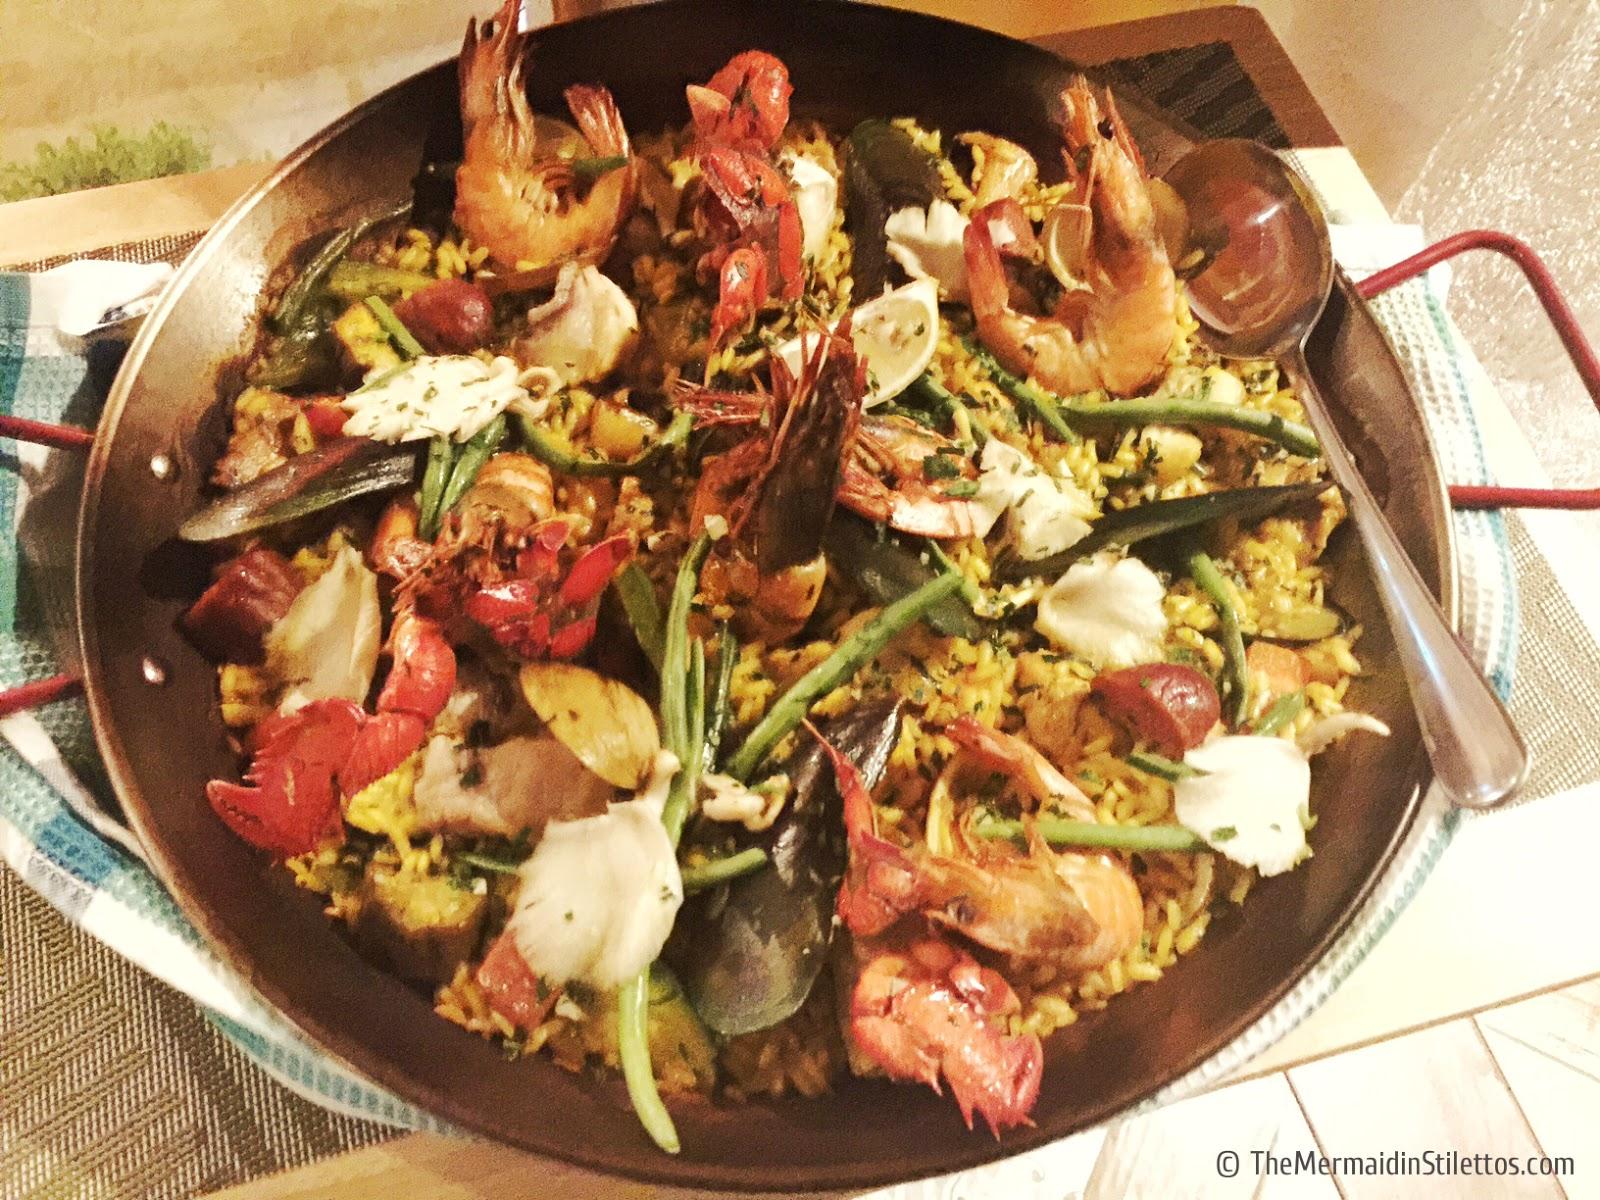 © TheMermaidinStilettos.com - El Cocinero by Chef Arnaldo